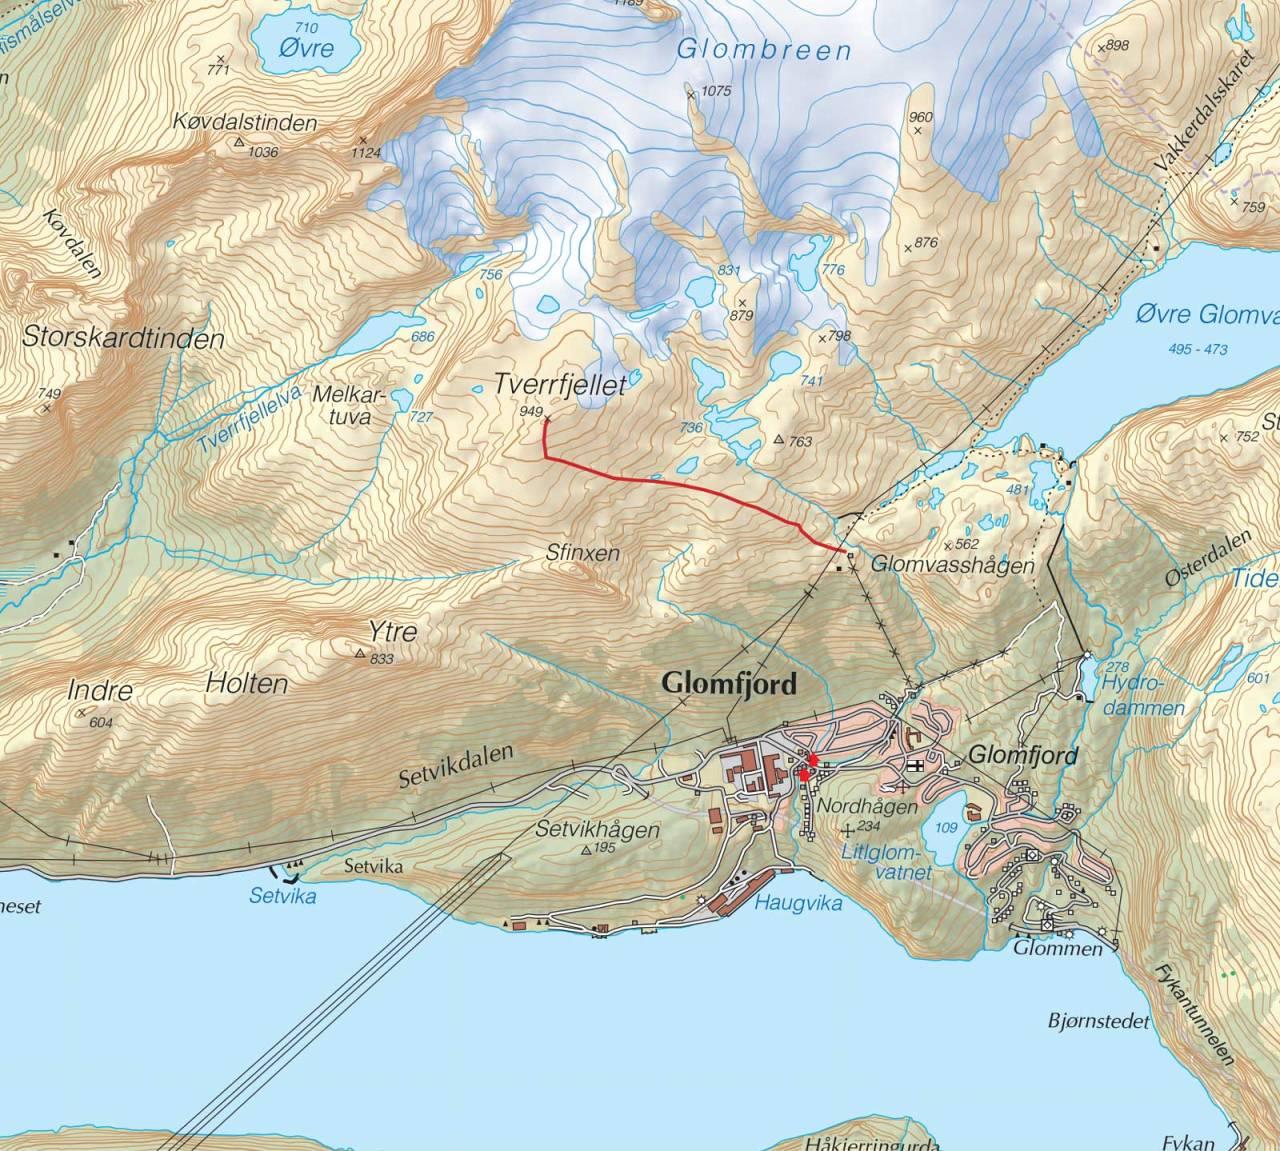 Kart over Tverrfjellet med inntegnet rute. Fra Trygge toppturer.